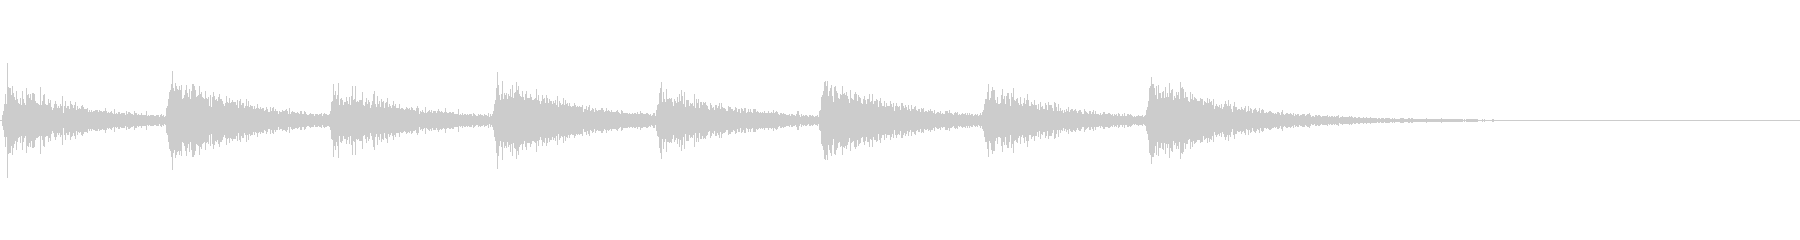 息づかい (ノーマルスピード)の未再生の波形